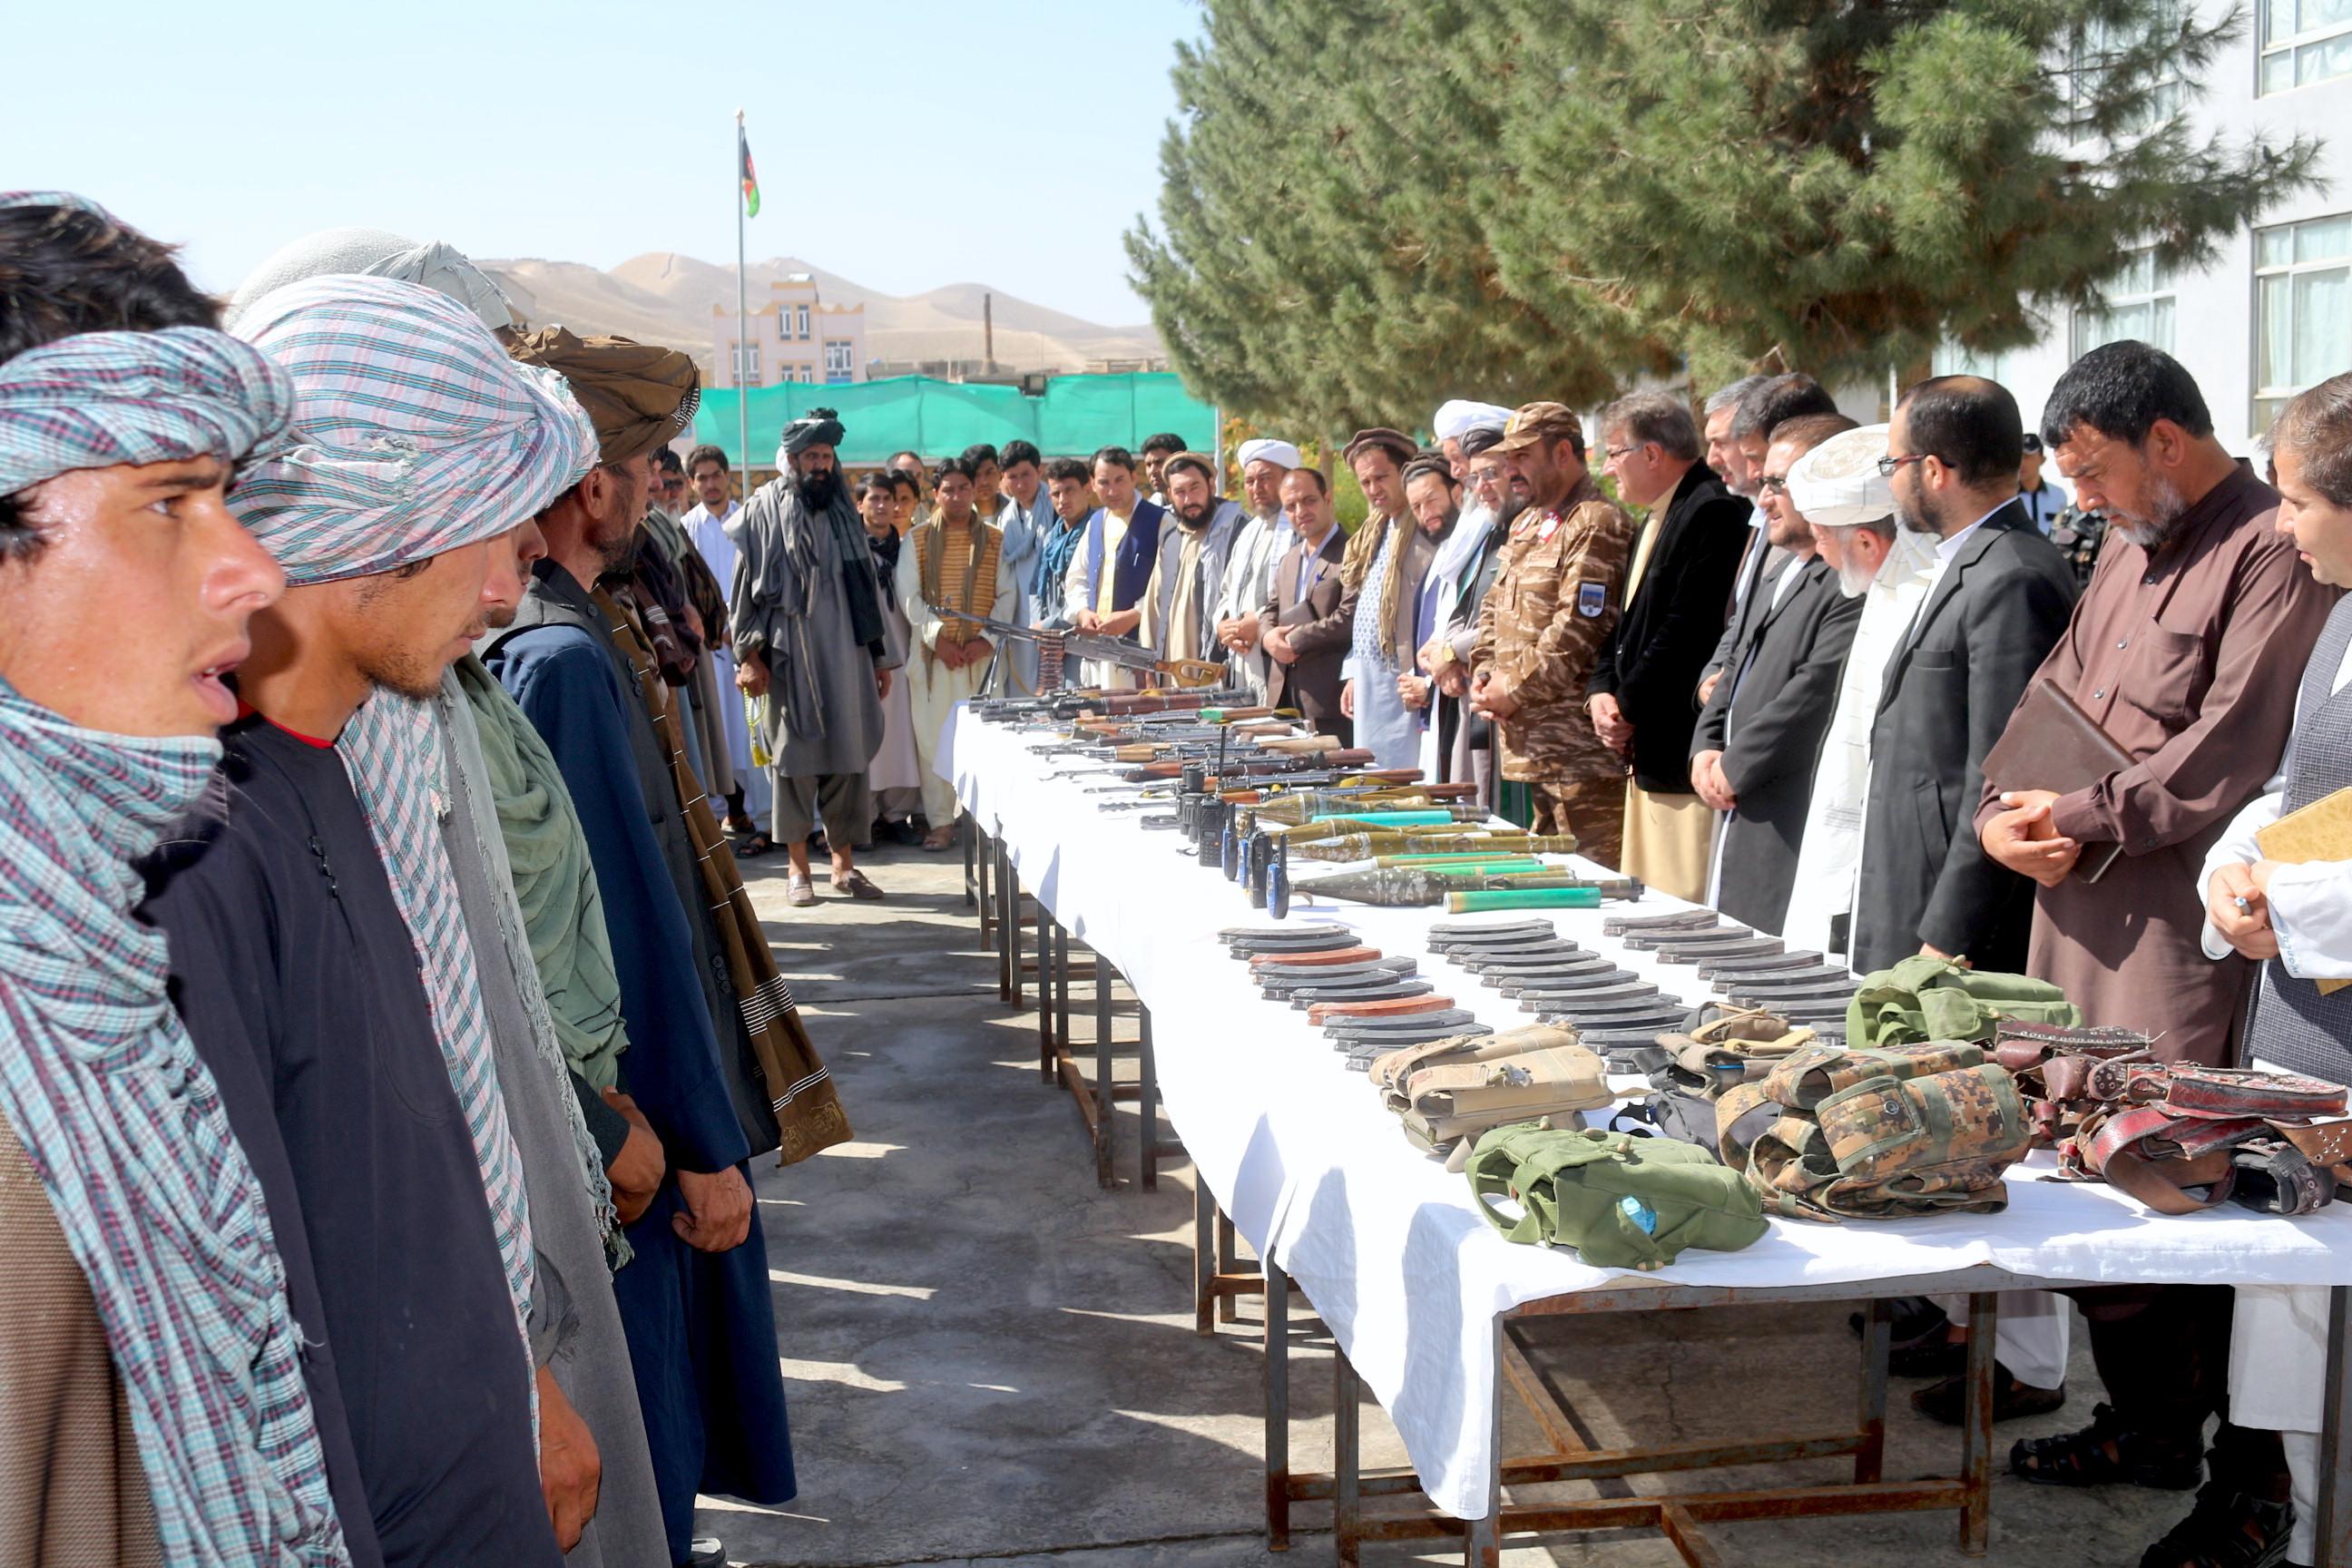 روسیه و ایران به طالبان «دستور دادند» تا مکتب ها و مساجد را تخریب کنند